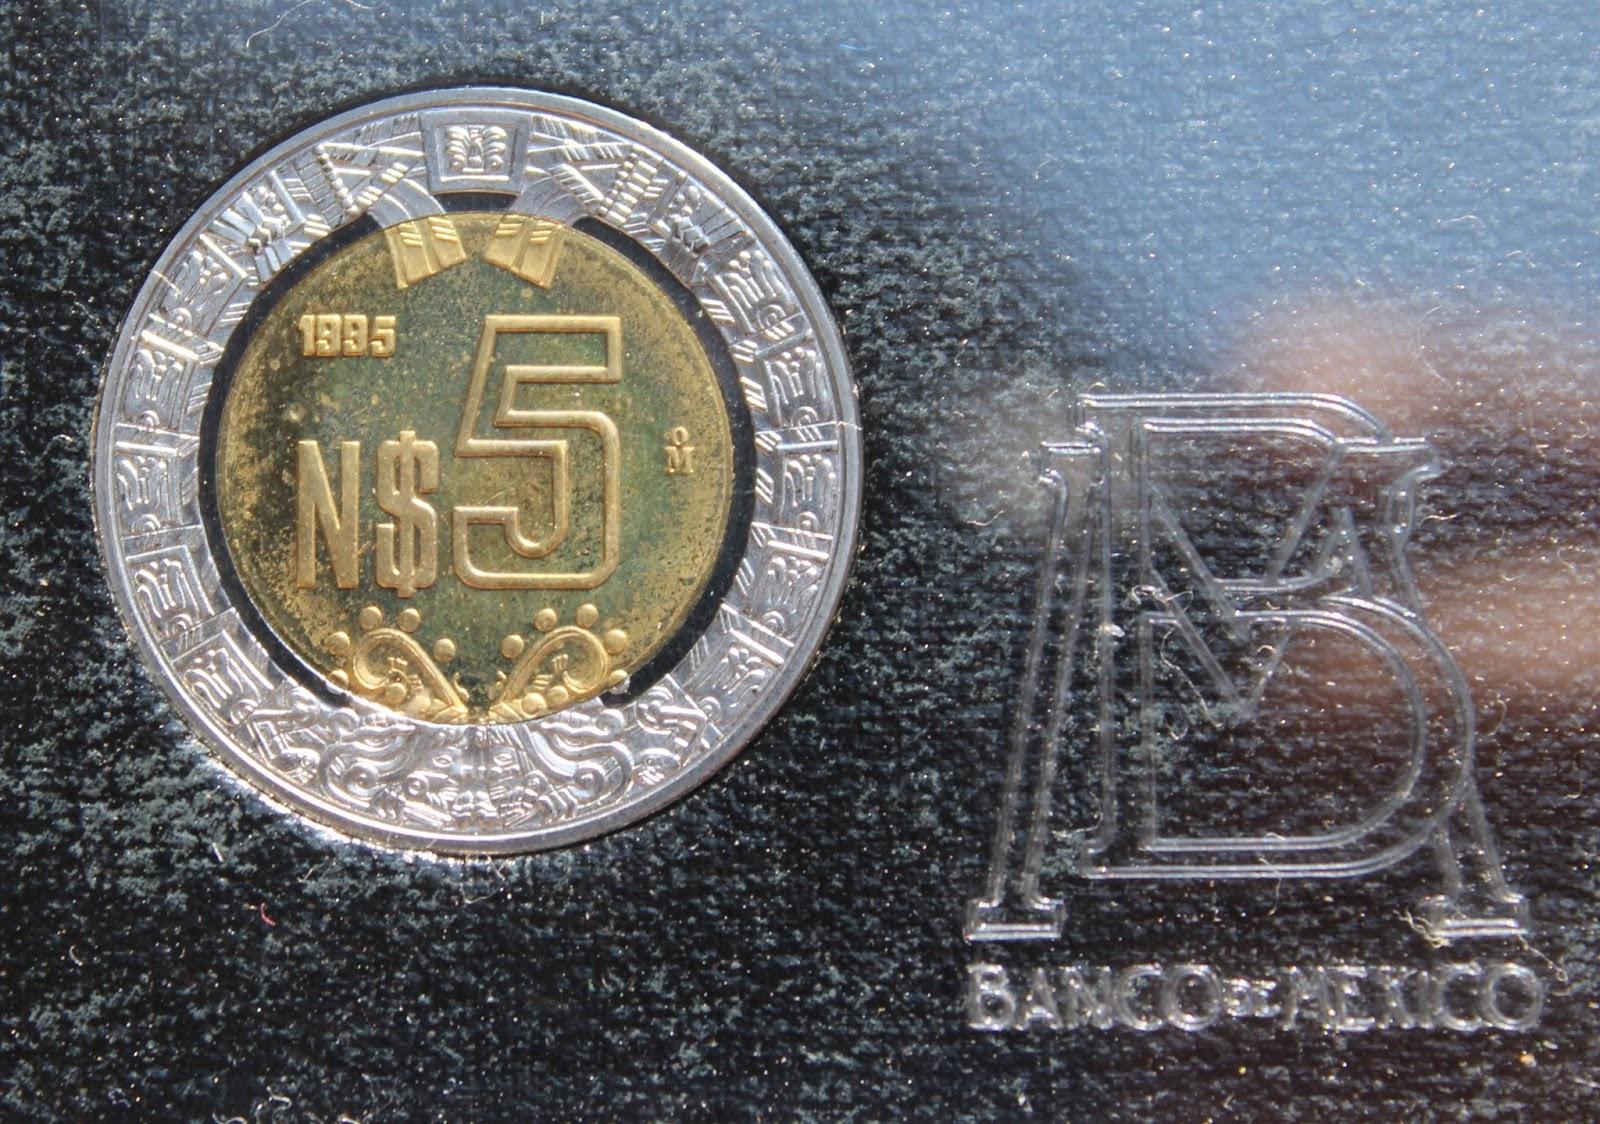 Si Entre 1992 Y 1995 Se Emitió Un Nuevo Cono Monetario Con Piezas De 5 10 20 50 Centavos Así Como 1 2 Nuevos Pesos